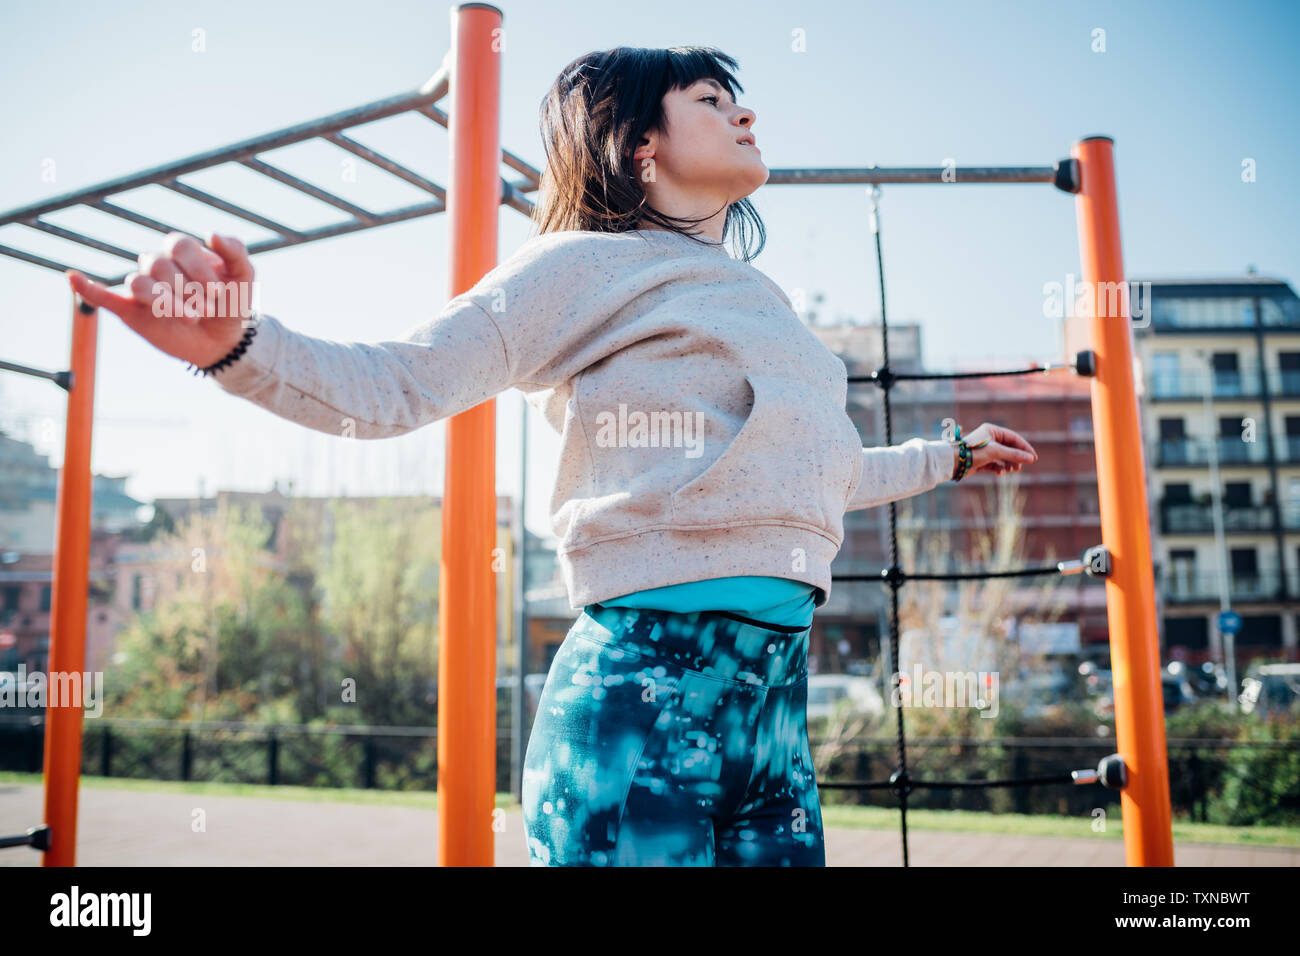 La classe de gymnastique suédoise au sport en plein air, young woman with arms outstretched Banque D'Images